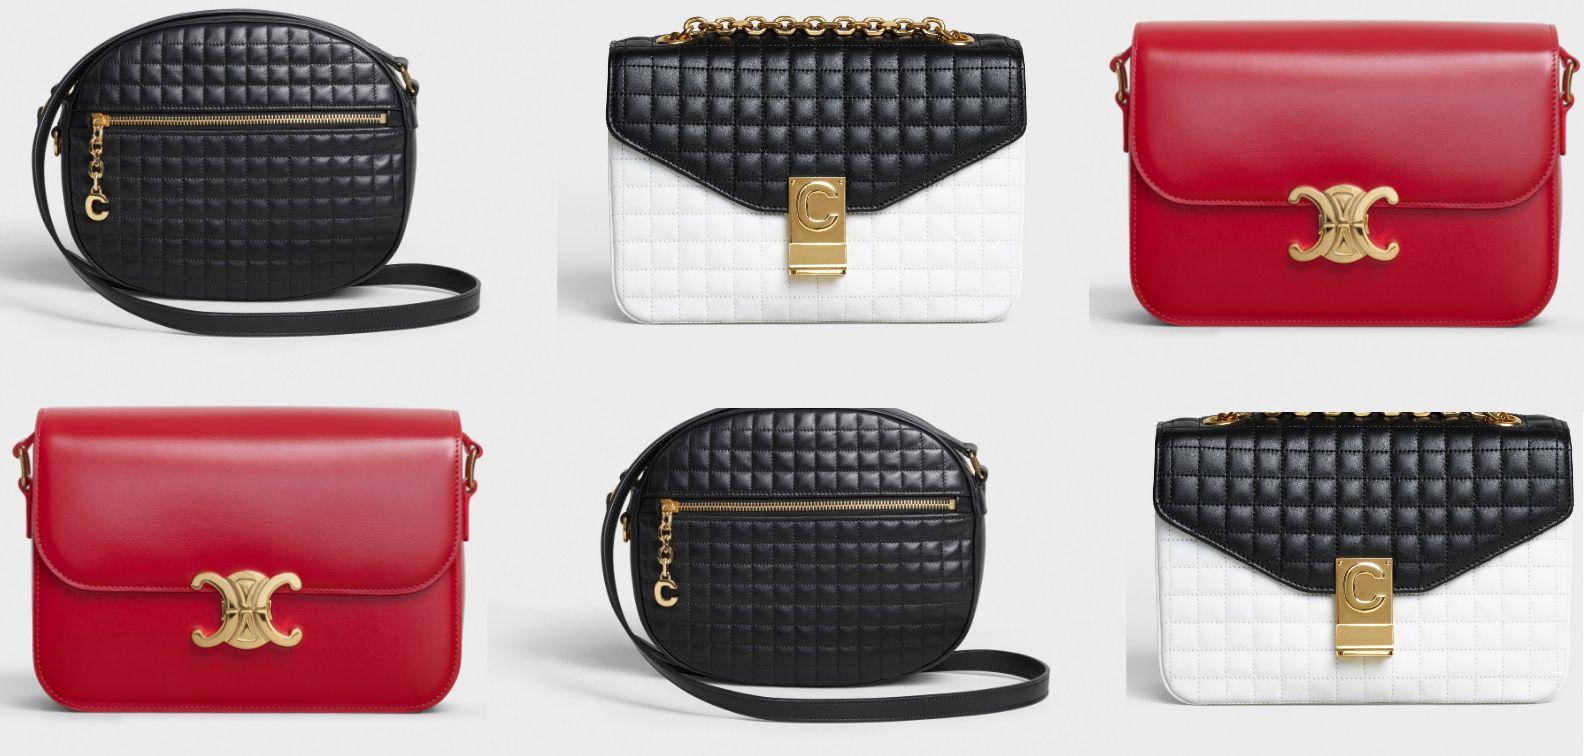 75afddc244 Hedi Slimane Introduces 3 New Bags At Celine